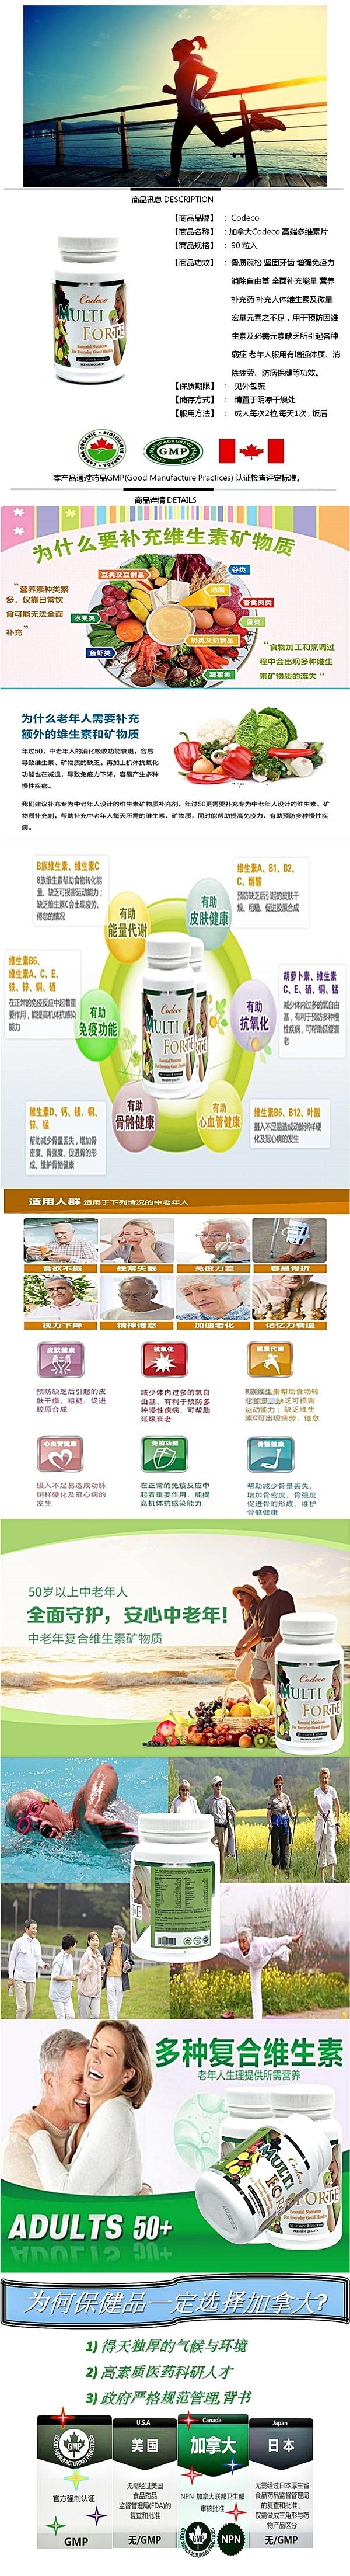 1necs014557new-vert.jpg